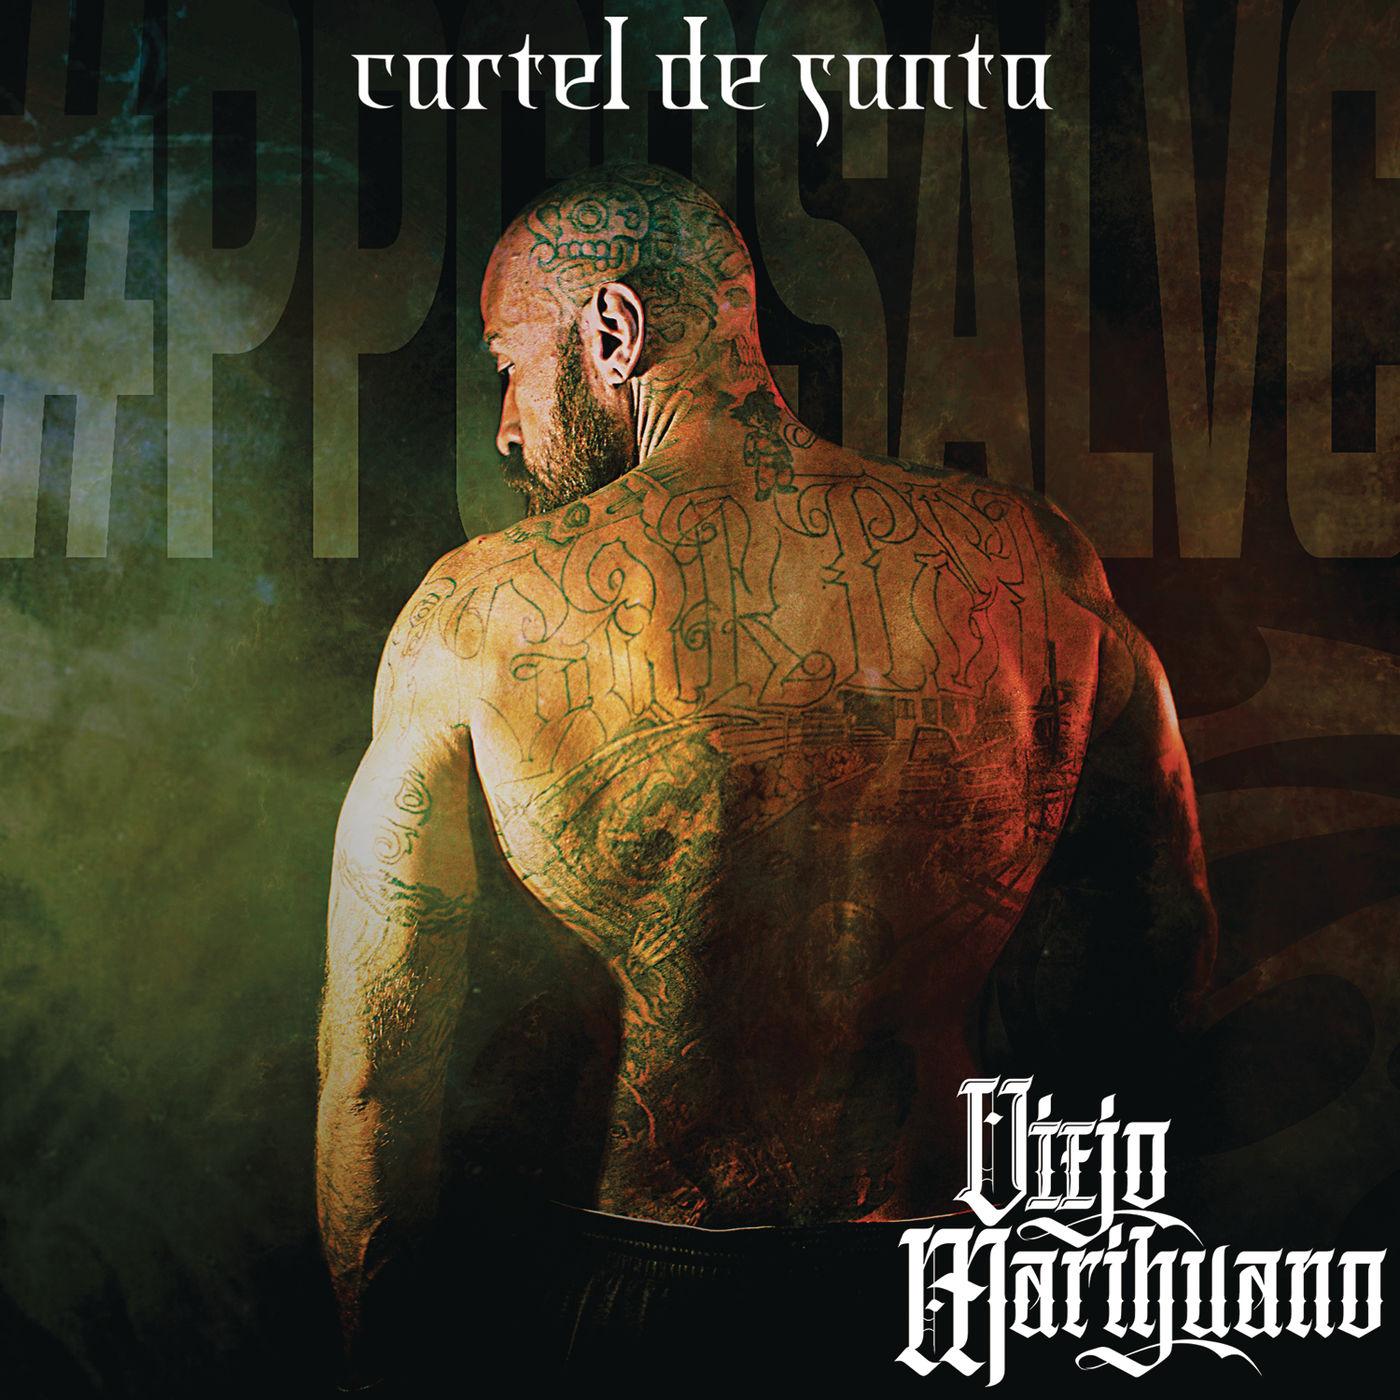 Cartel de Santa – Viejo Marihuano (Álbum 2016) portada